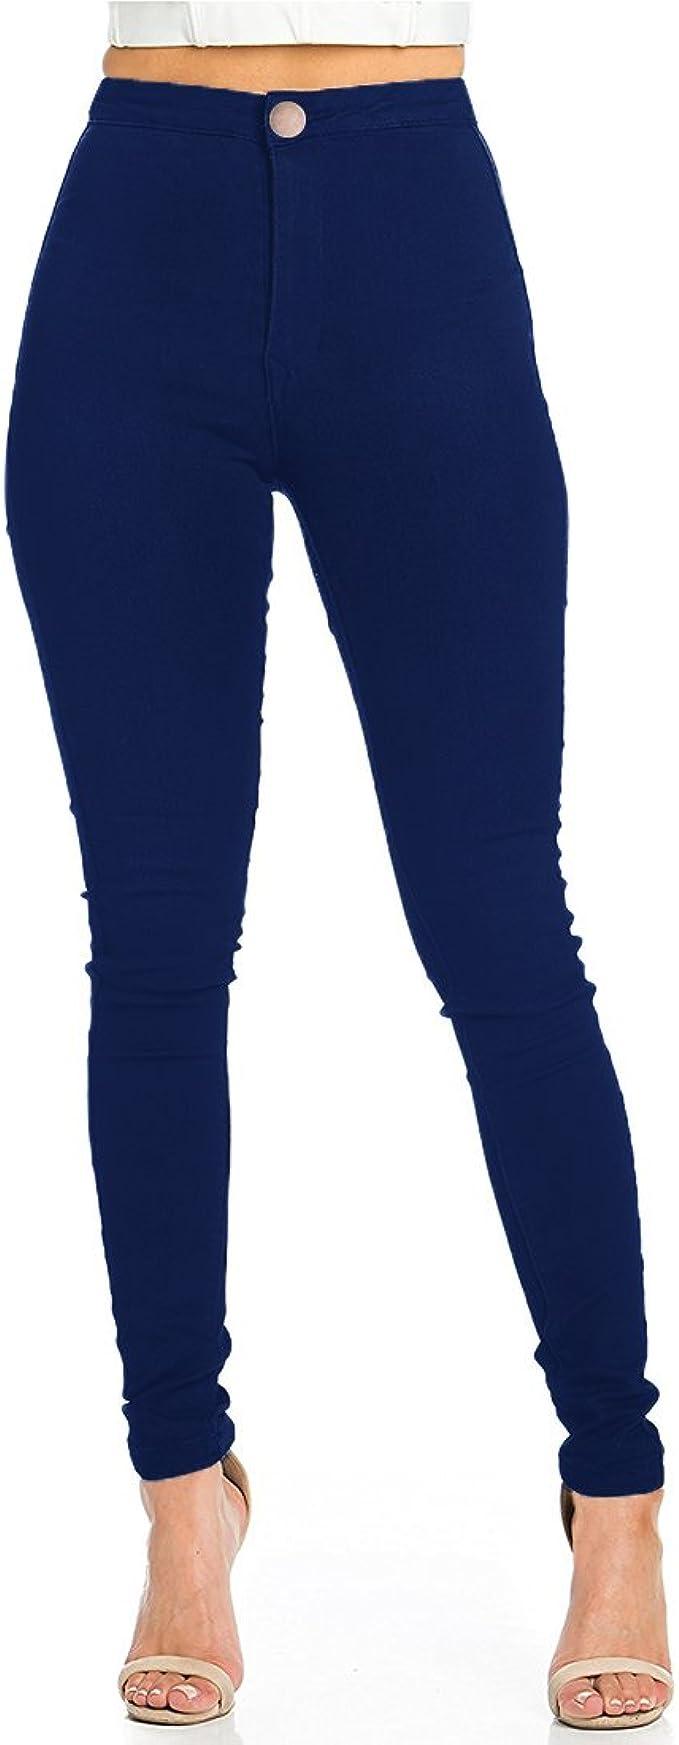 Femme Taille Haute Skinny Jeans Jegging Femme Slime Extensible Pantalon soft denim